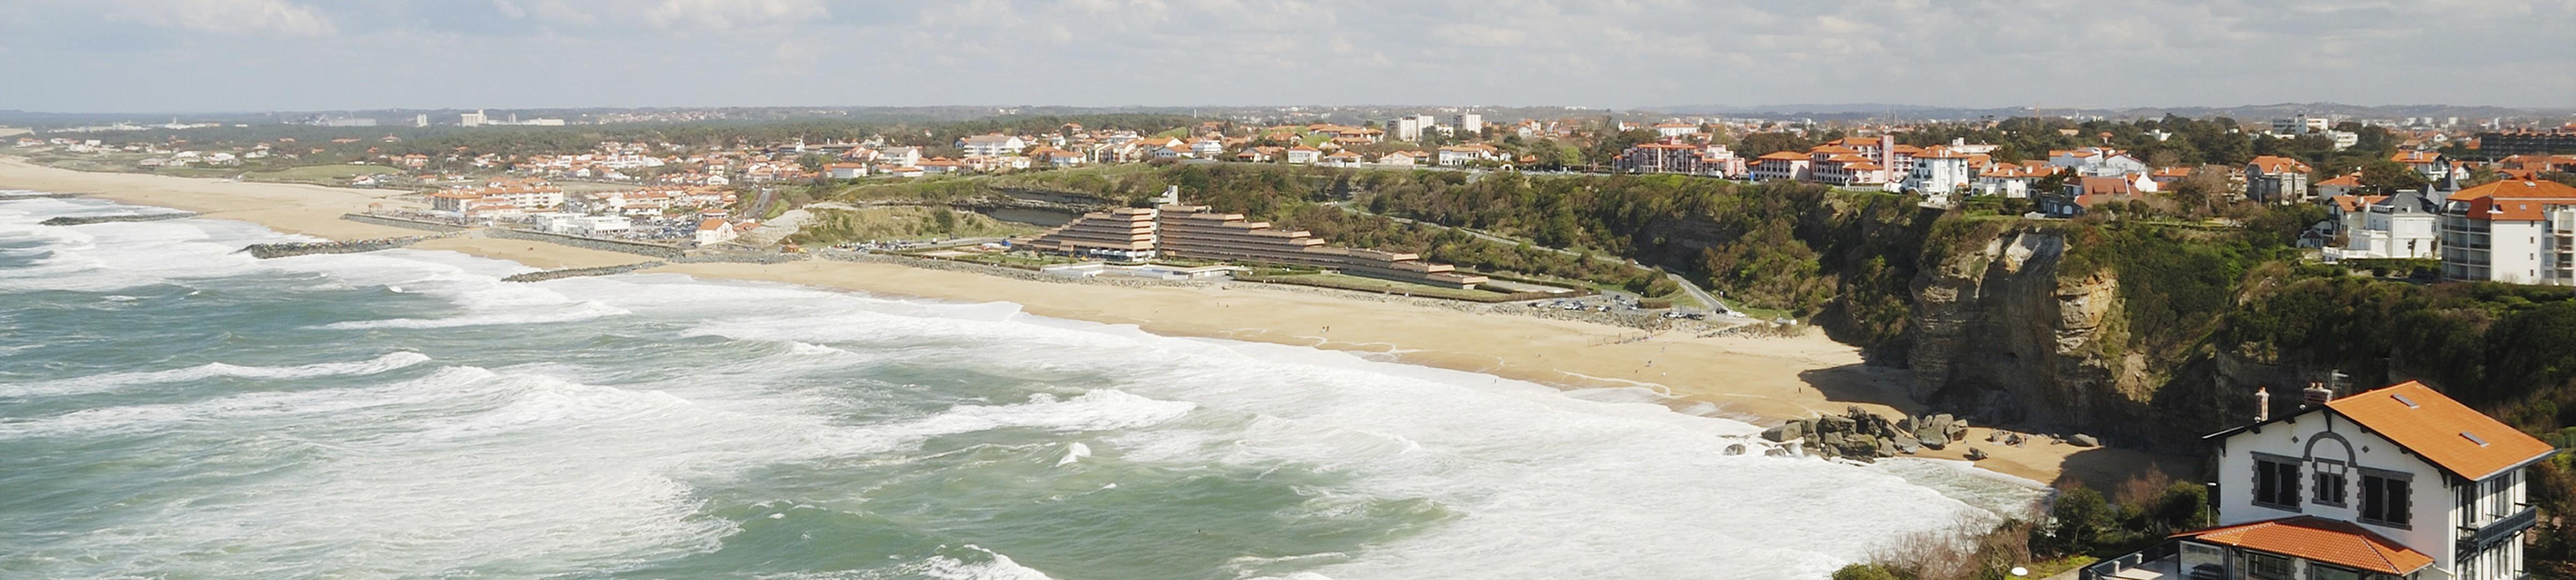 Ferienhäuser & Ferienwohnungen in Biarritz mieten - Urlaub ...